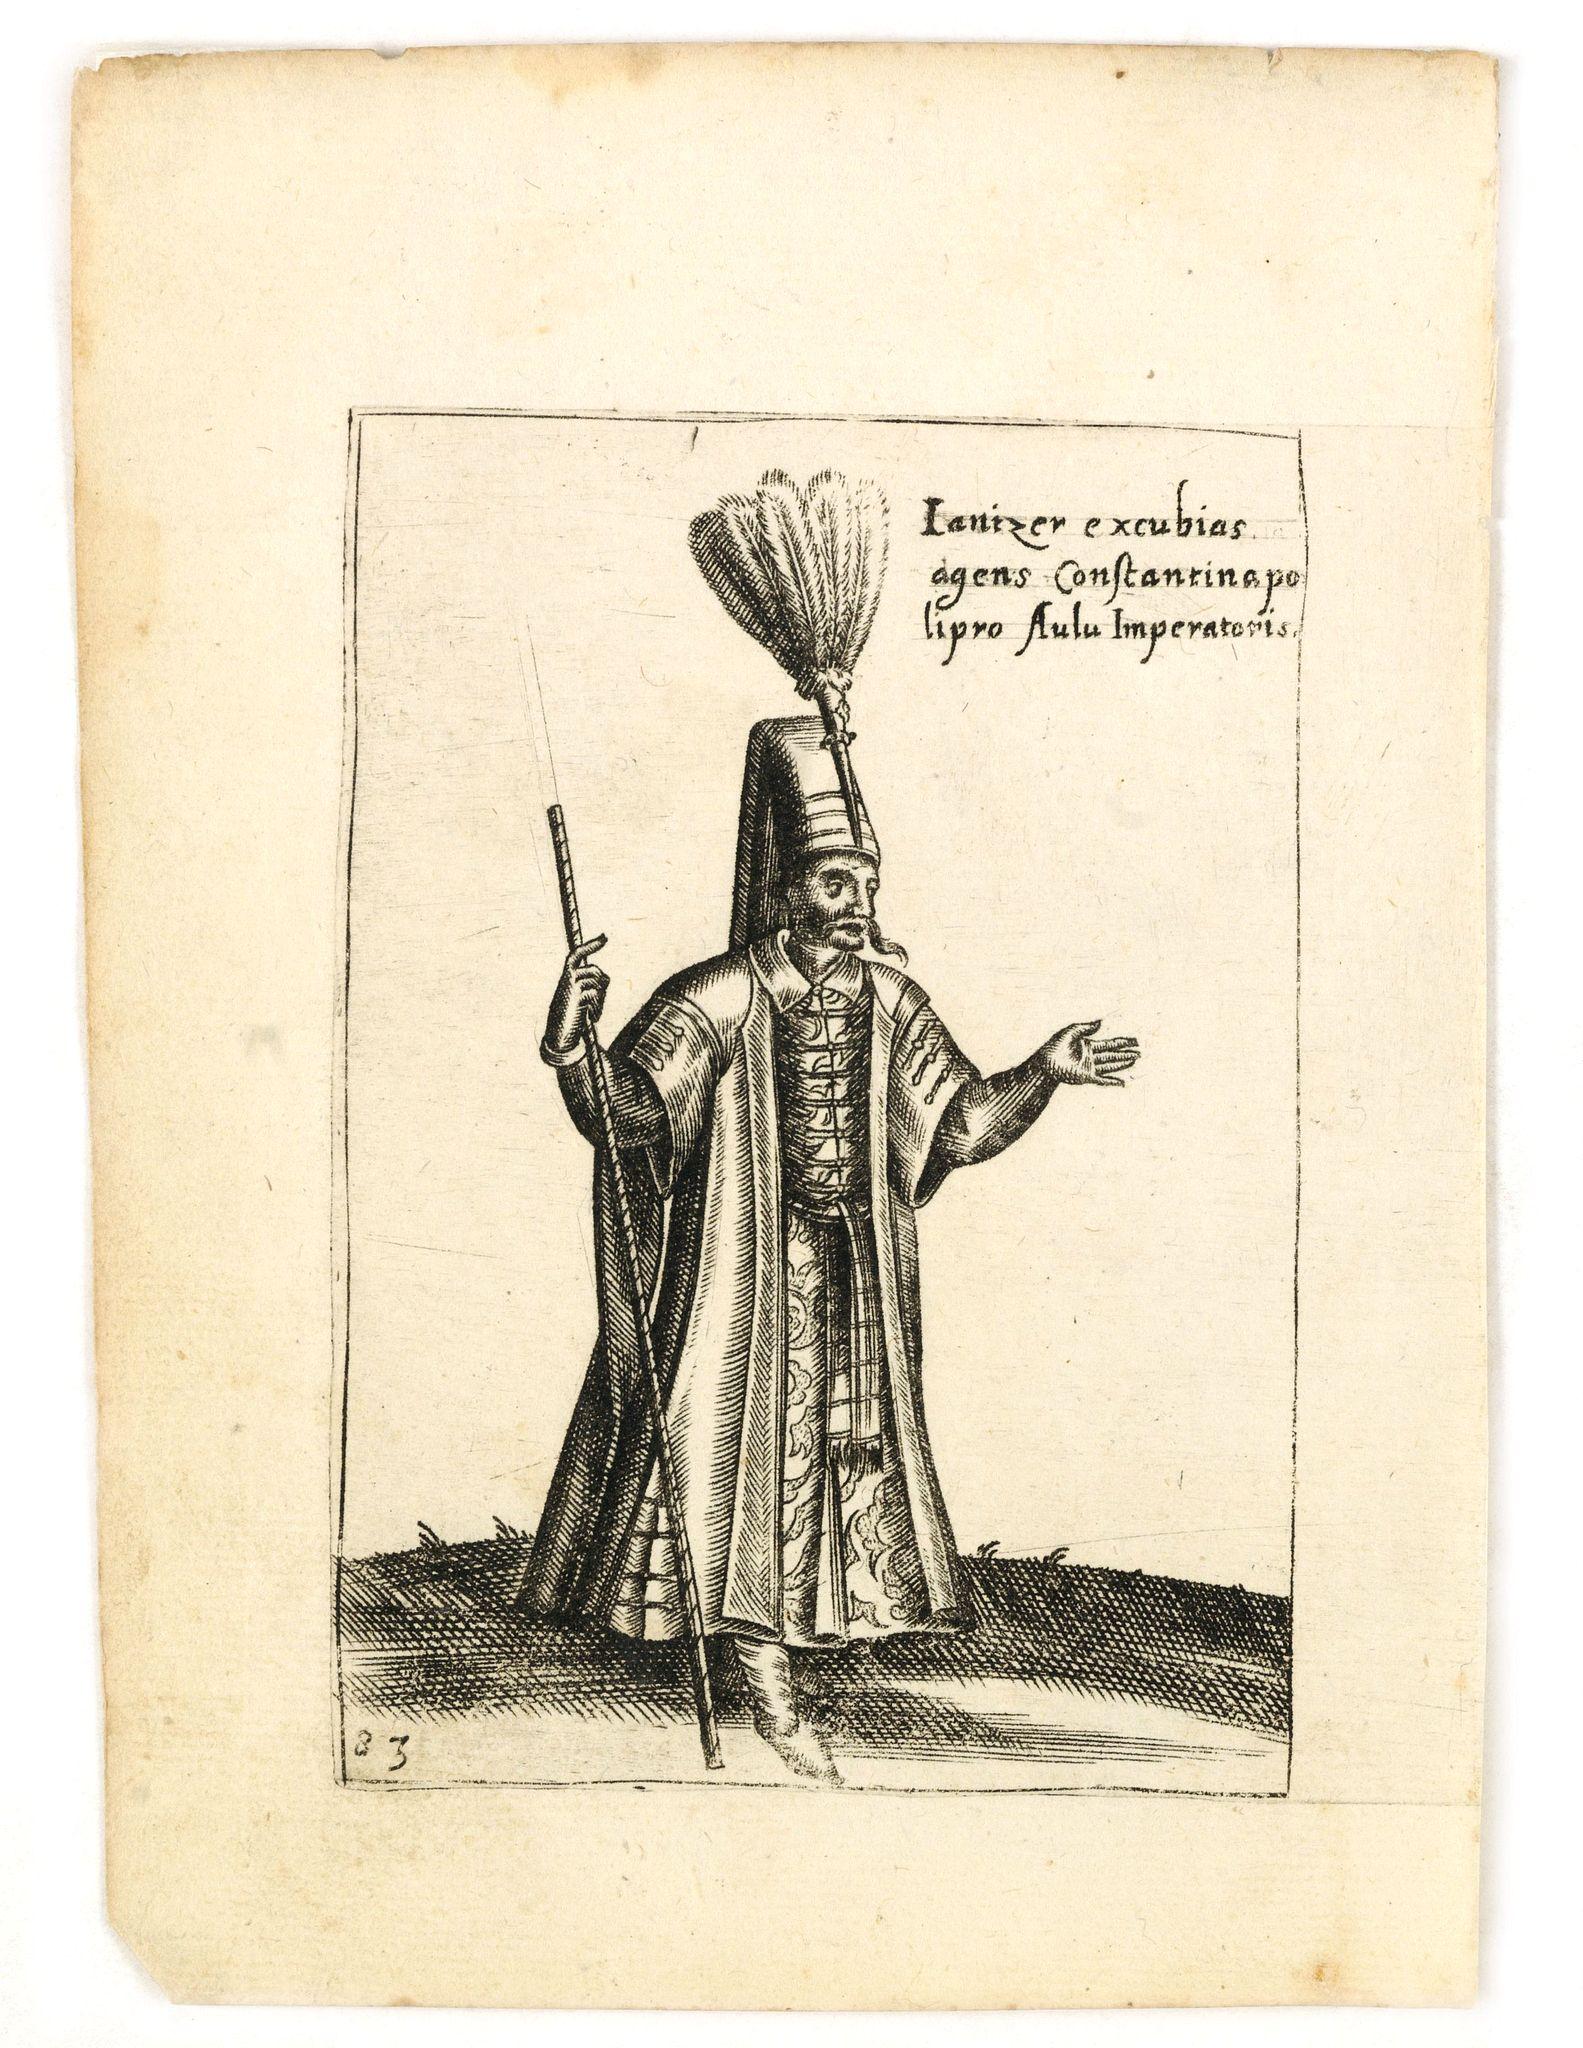 BERTELLI, P. -  Ianizer excubias agens constantinapo lipro Aulu Imperatoris.